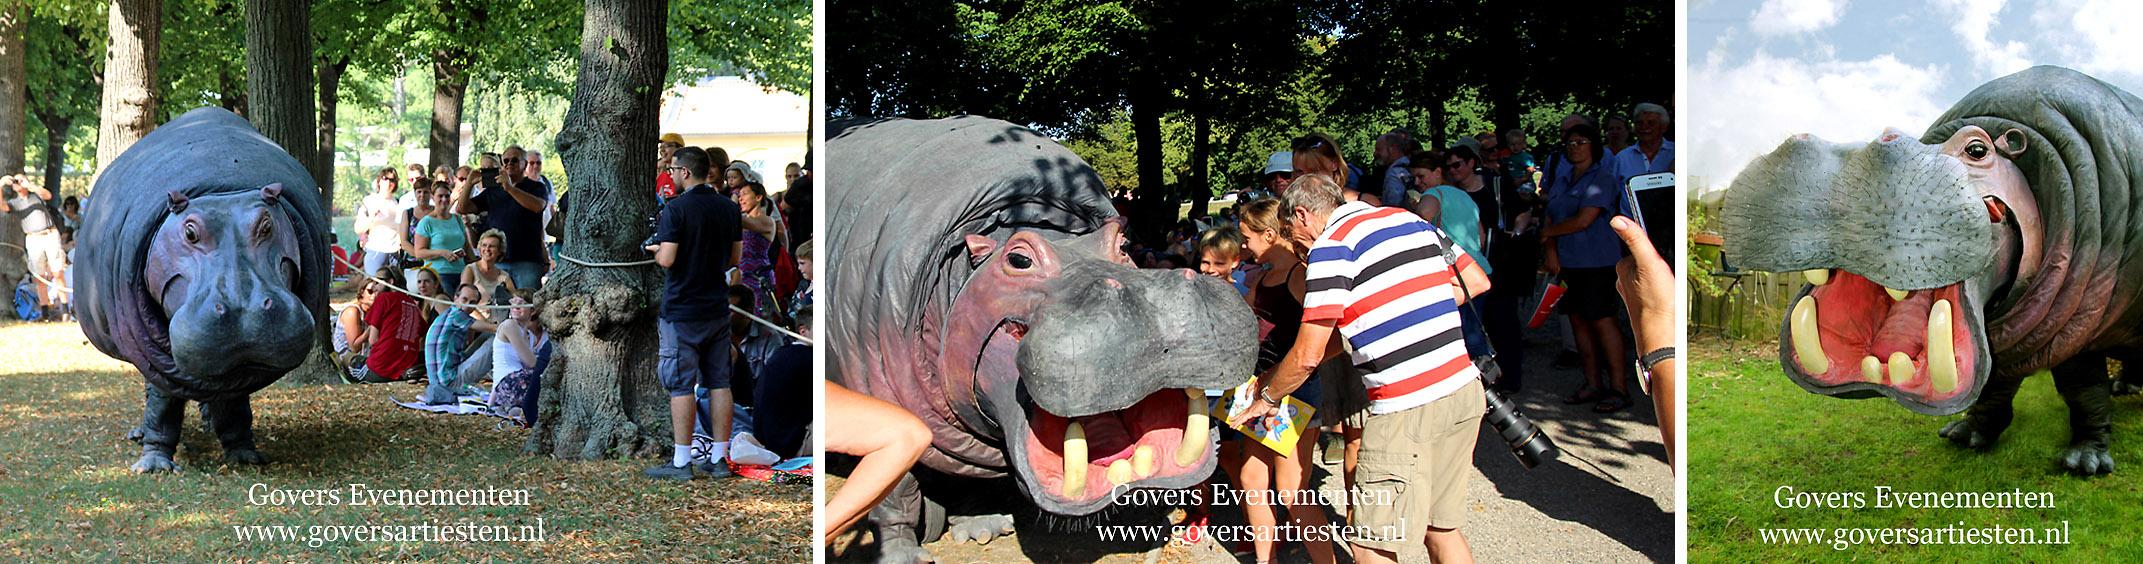 Straattheater, dierentuin, theater met dieren, artiesten boeken, theater voor kinderen, steltenact, dierenvriendelijk, hippo, nijlpaard, themafeest, festival, thema act, Govers Evenementen, www.goversartiesten.nl